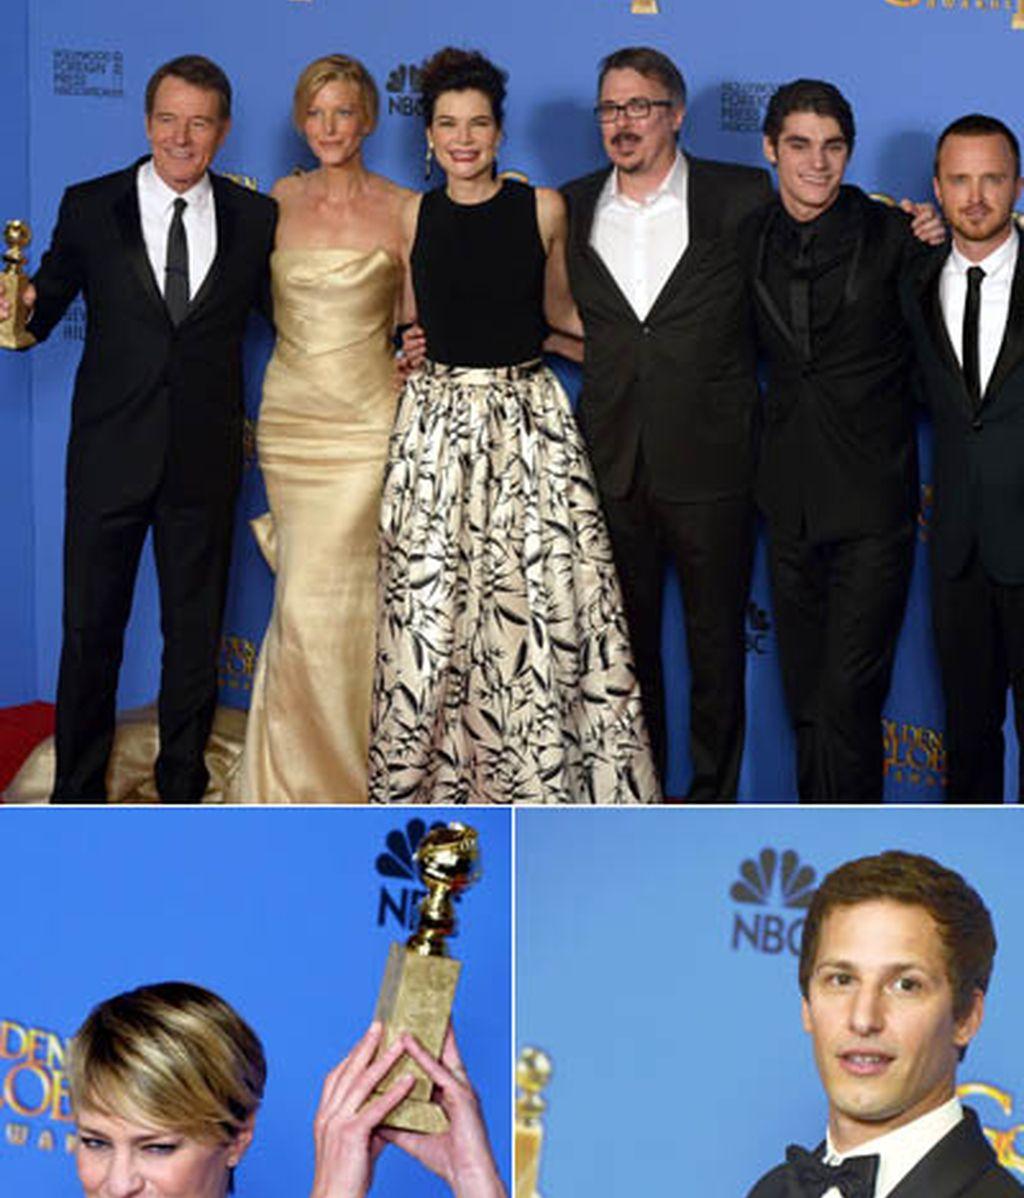 La presentadora de la gala Amy Poehler ( 'Parks and Recreation') se va cargada